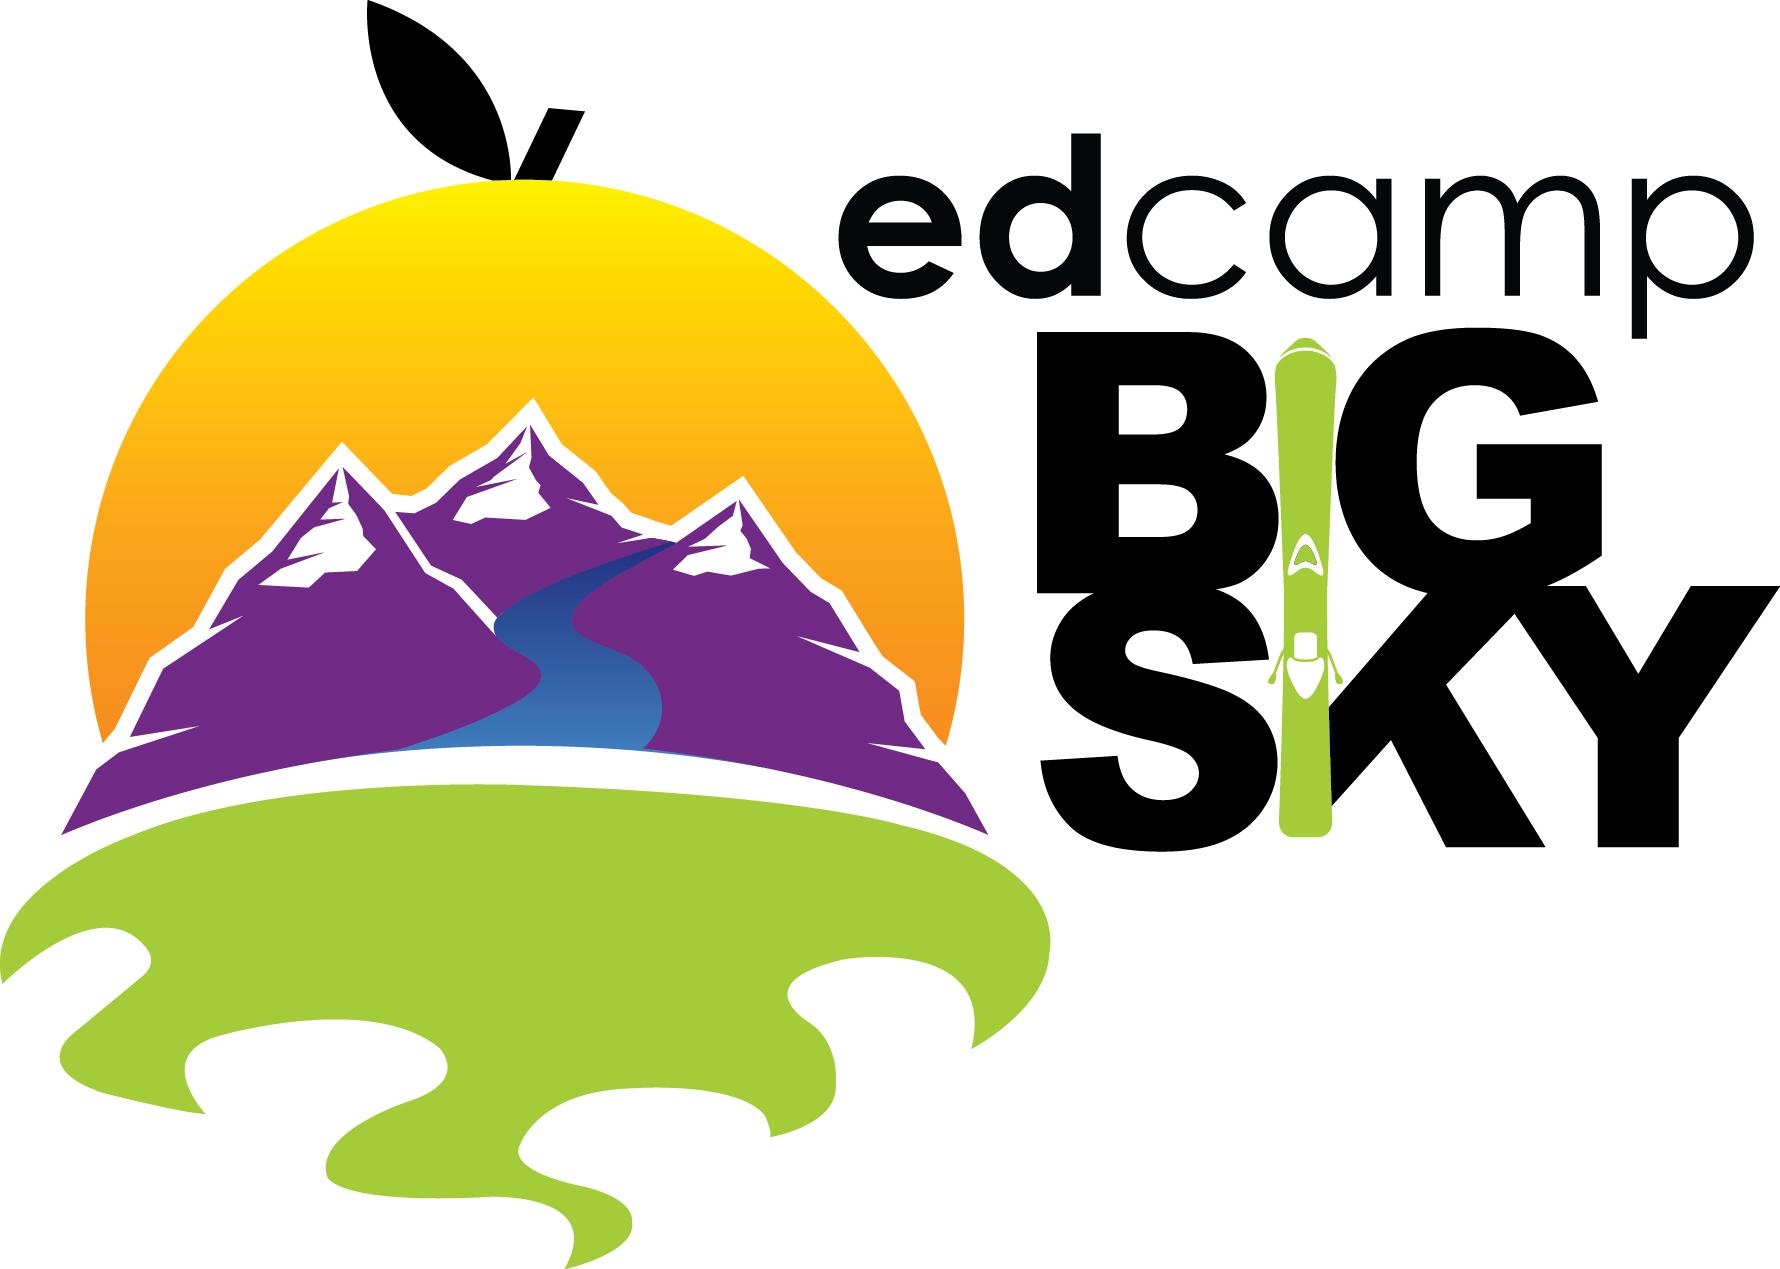 EdCamp-bigsky-HighRes.jpg